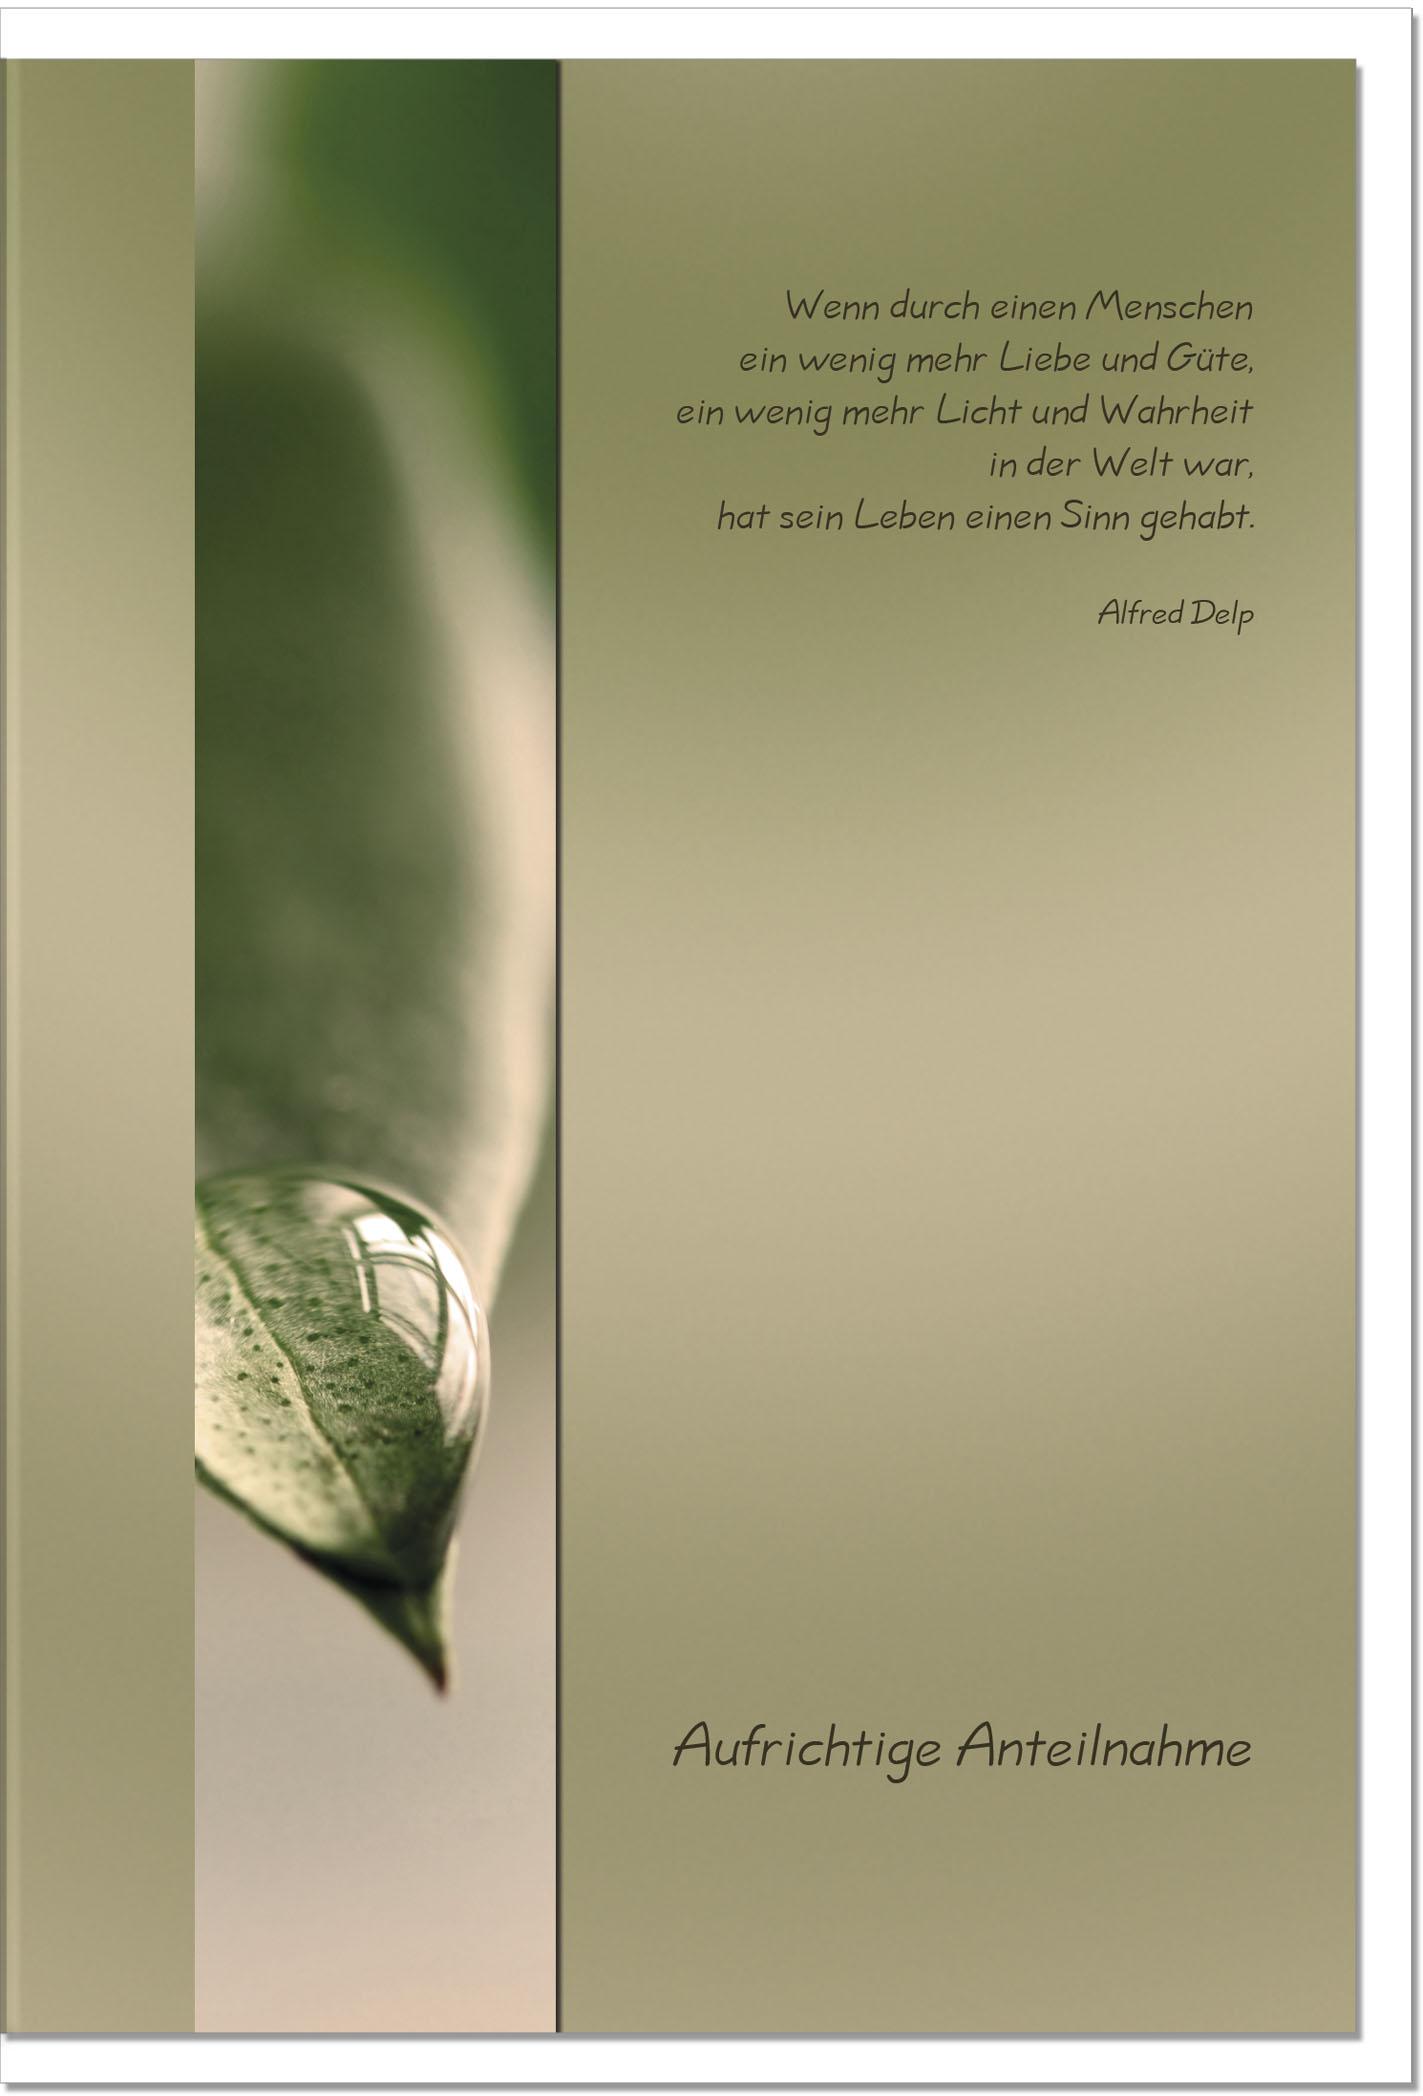 Trauerkarte LICHT UND WAHRHEIT | Tautropfen | metALUm #00008